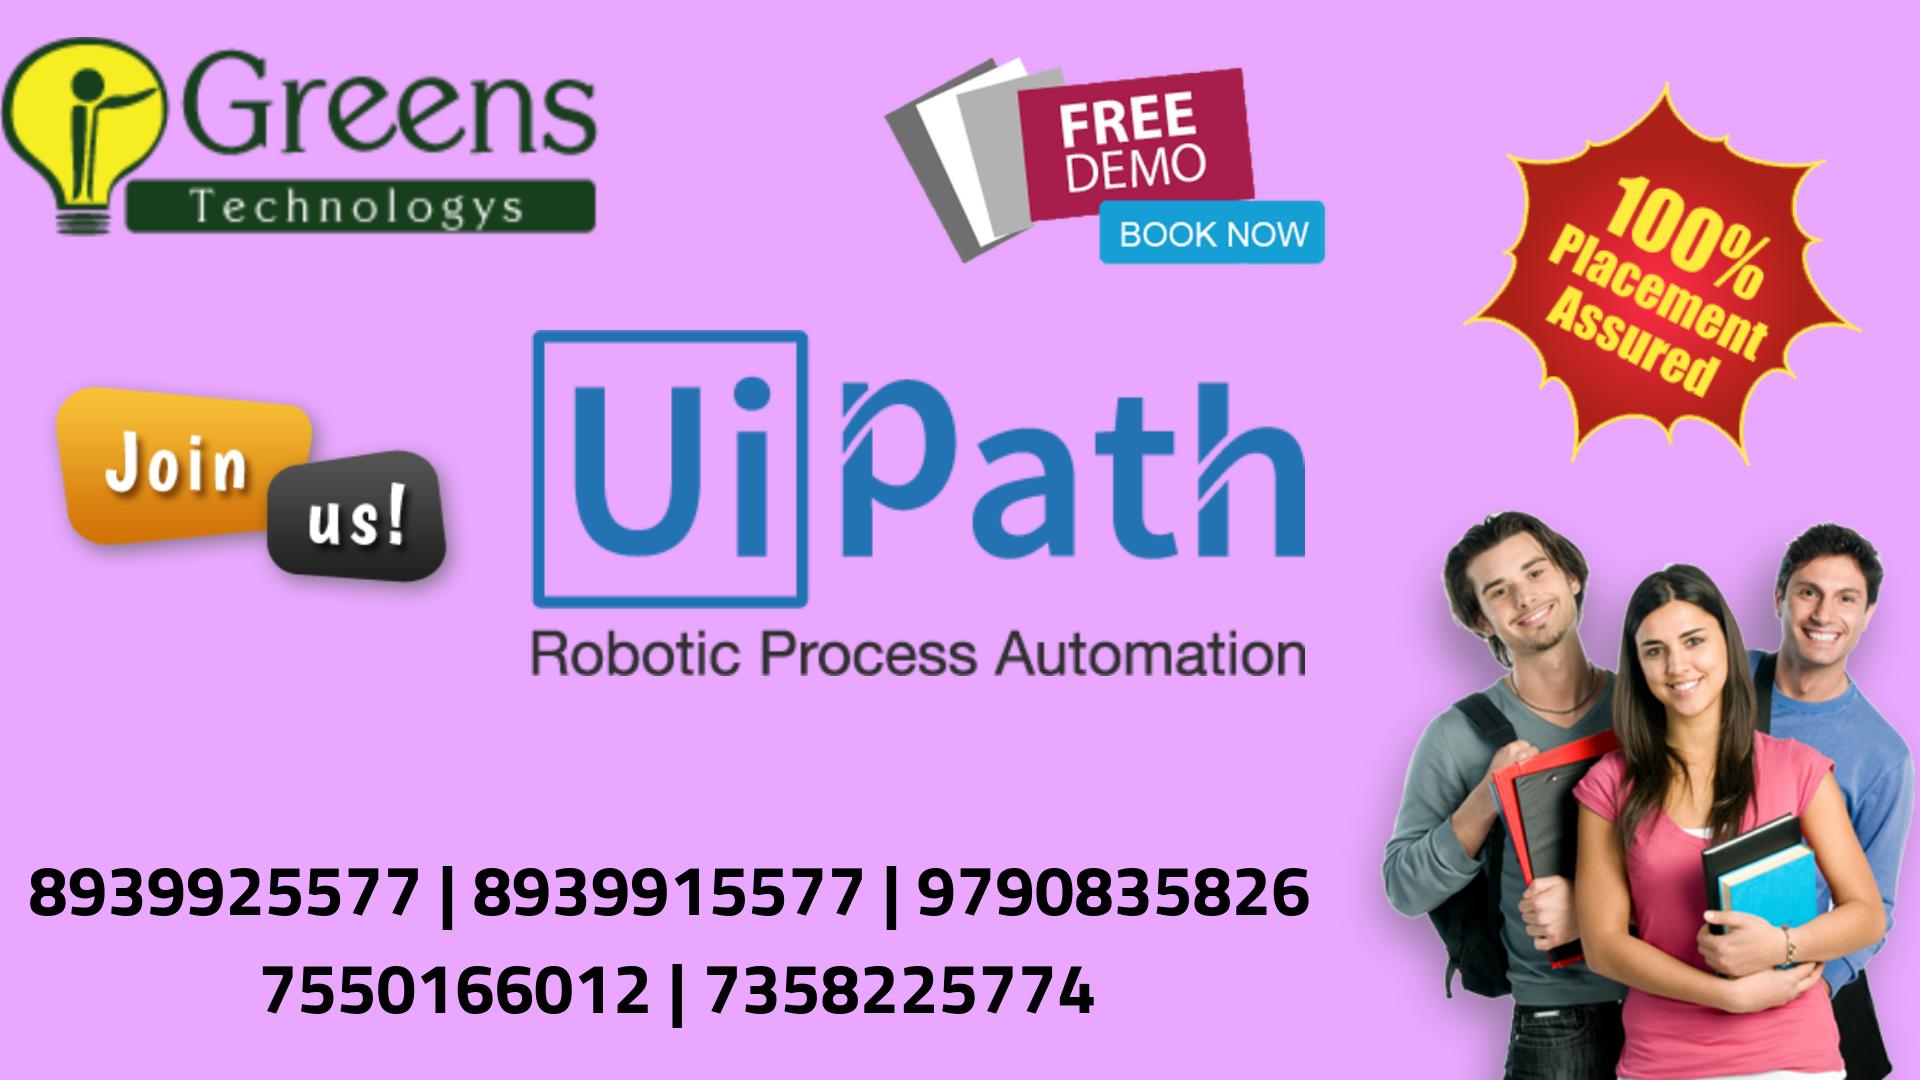 UiPath Training in Chennai   UI path   Train, Classroom